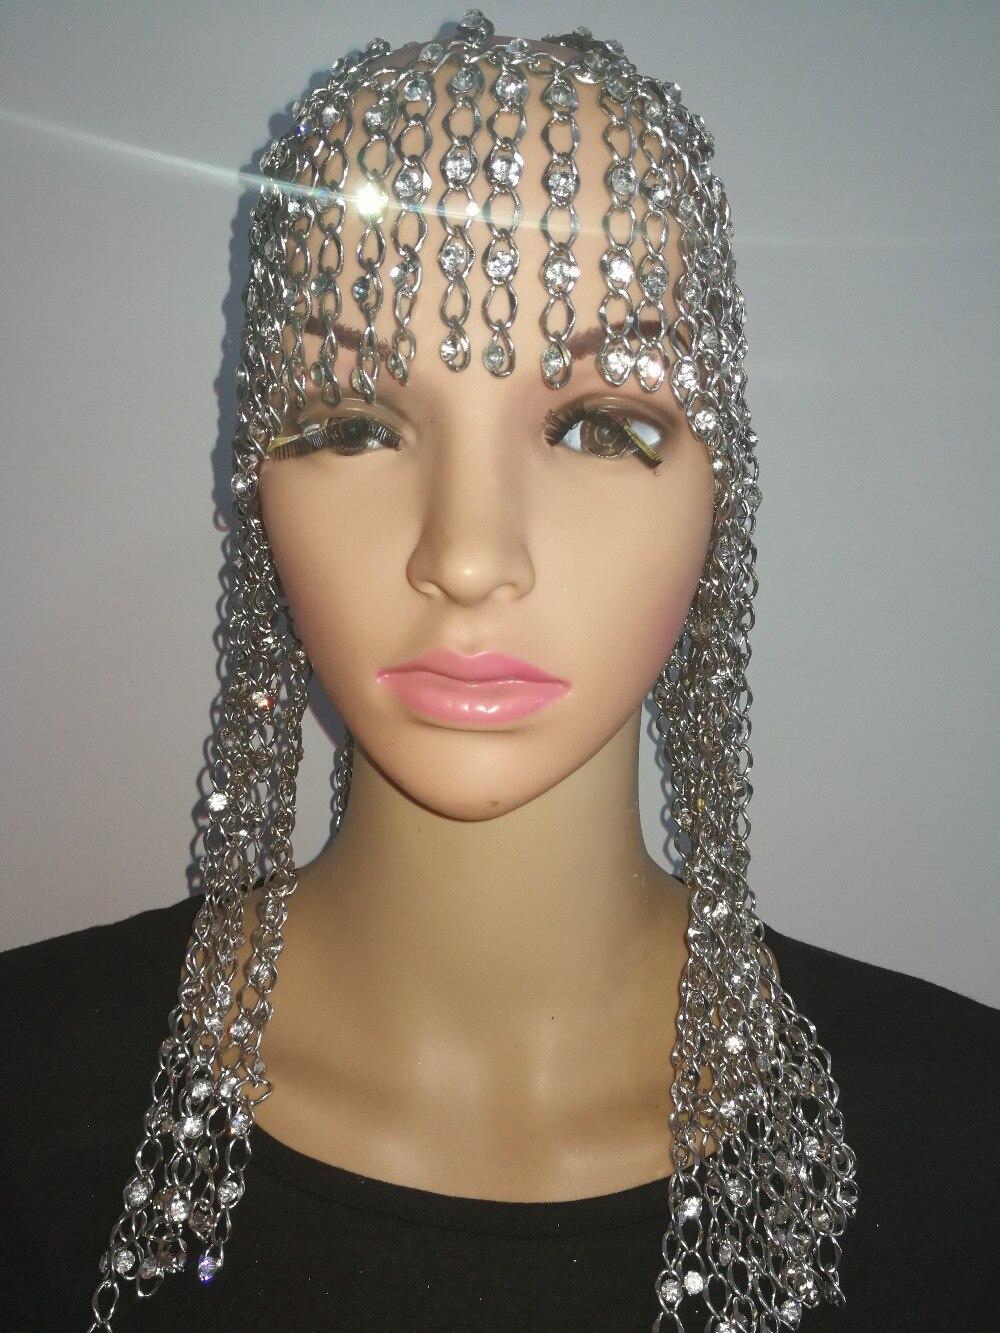 Nouveau Style de mode WRB969 brillant argent strass perles chaînes bijoux Cosplay Style strass chaînes tête cheveux bijoux